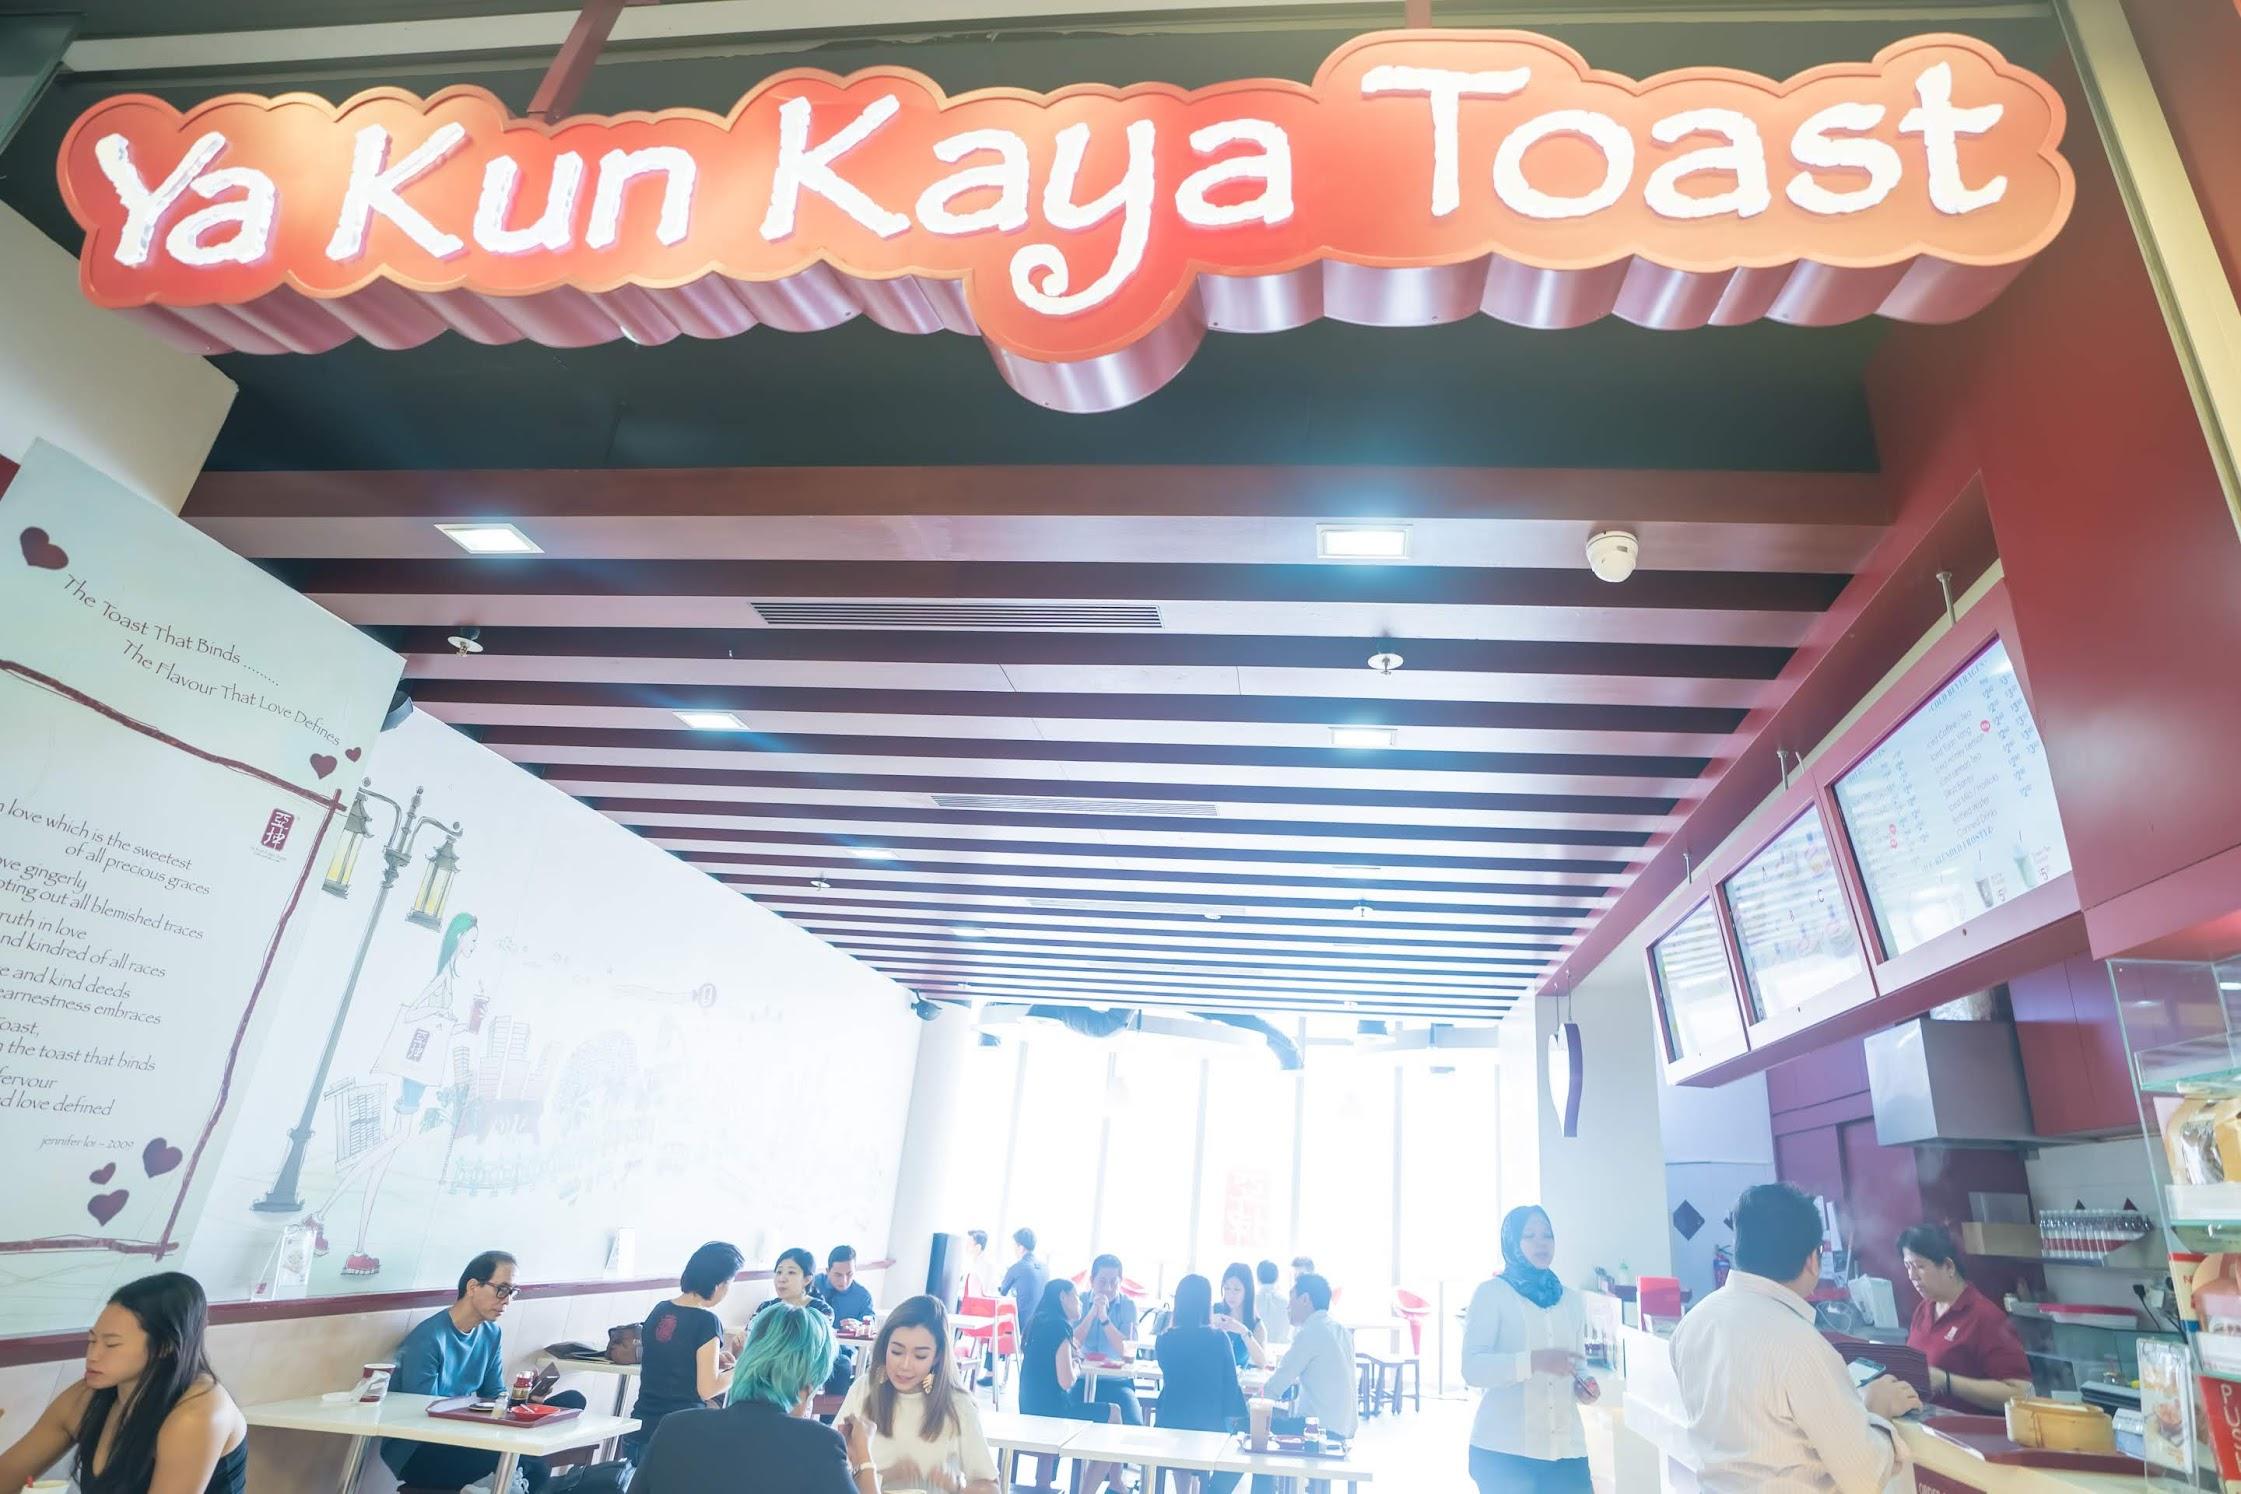 シンガポール Ya Kun Kaya Toast